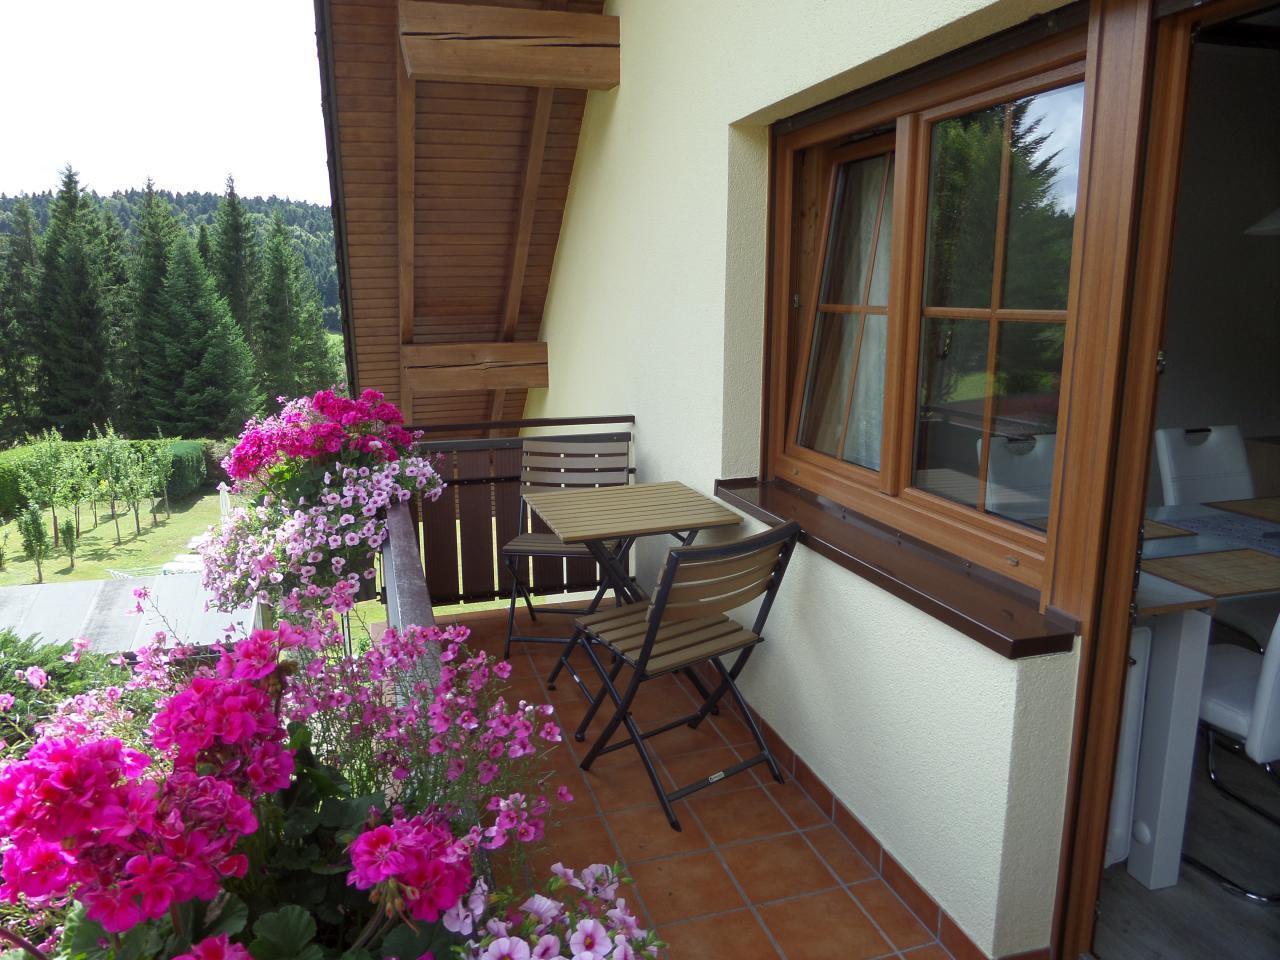 Ferienwohnung Gästehaus Dummer -Ferienwohnung Hotzenwald (468527), Herrischried, Schwarzwald, Baden-Württemberg, Deutschland, Bild 16